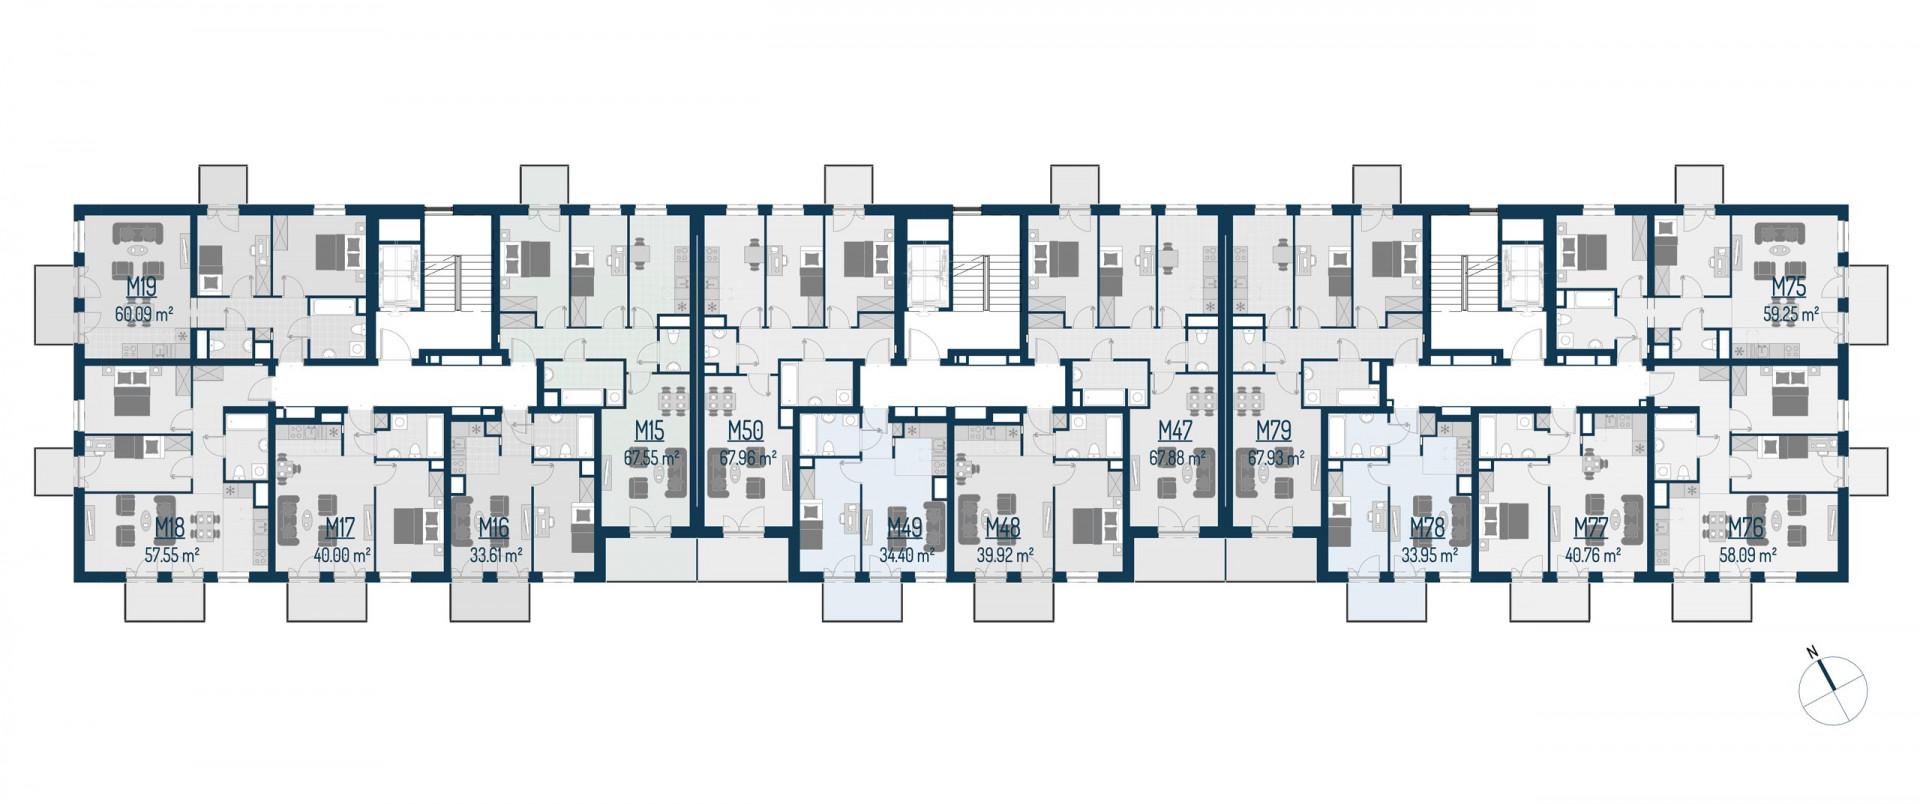 Zdrowe Stylove / budynek 1 / mieszkanie nr M19 rzut 2